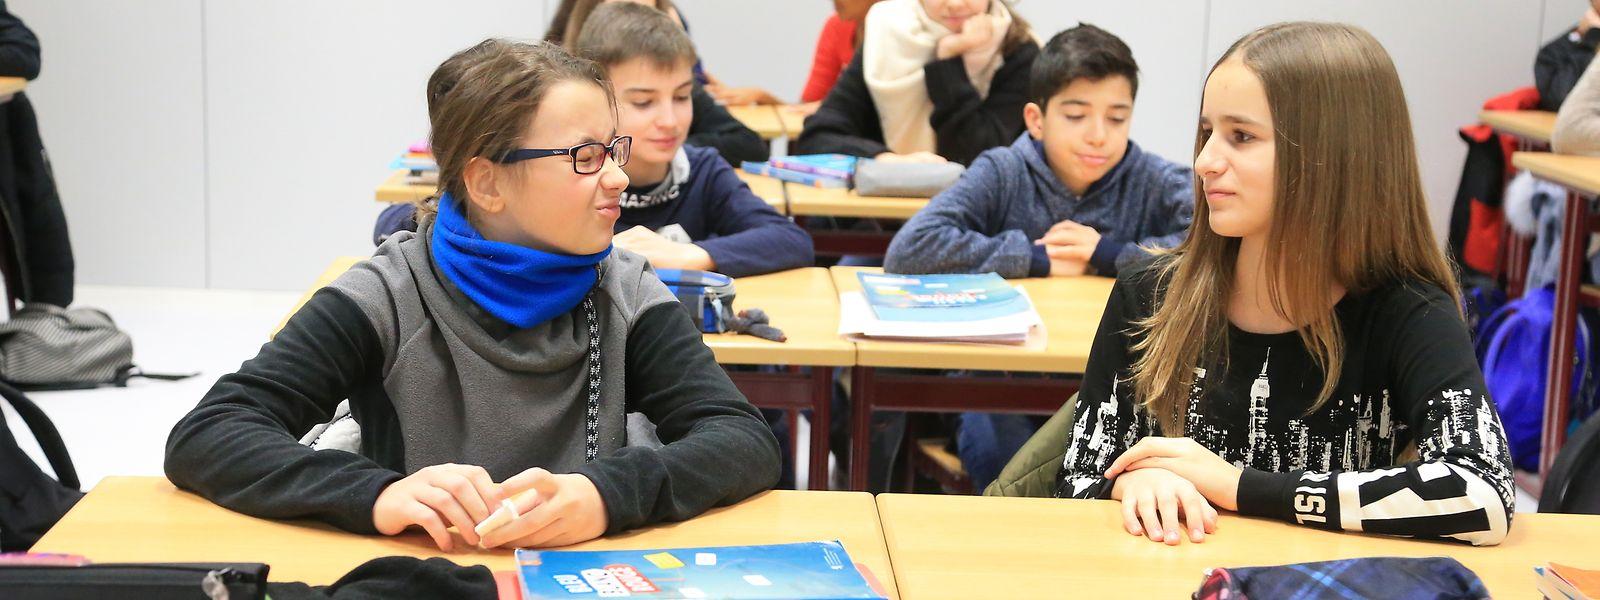 Lundi, 3.000 élèves supplémentaires sont attendus dans les établissements d'enseignement.